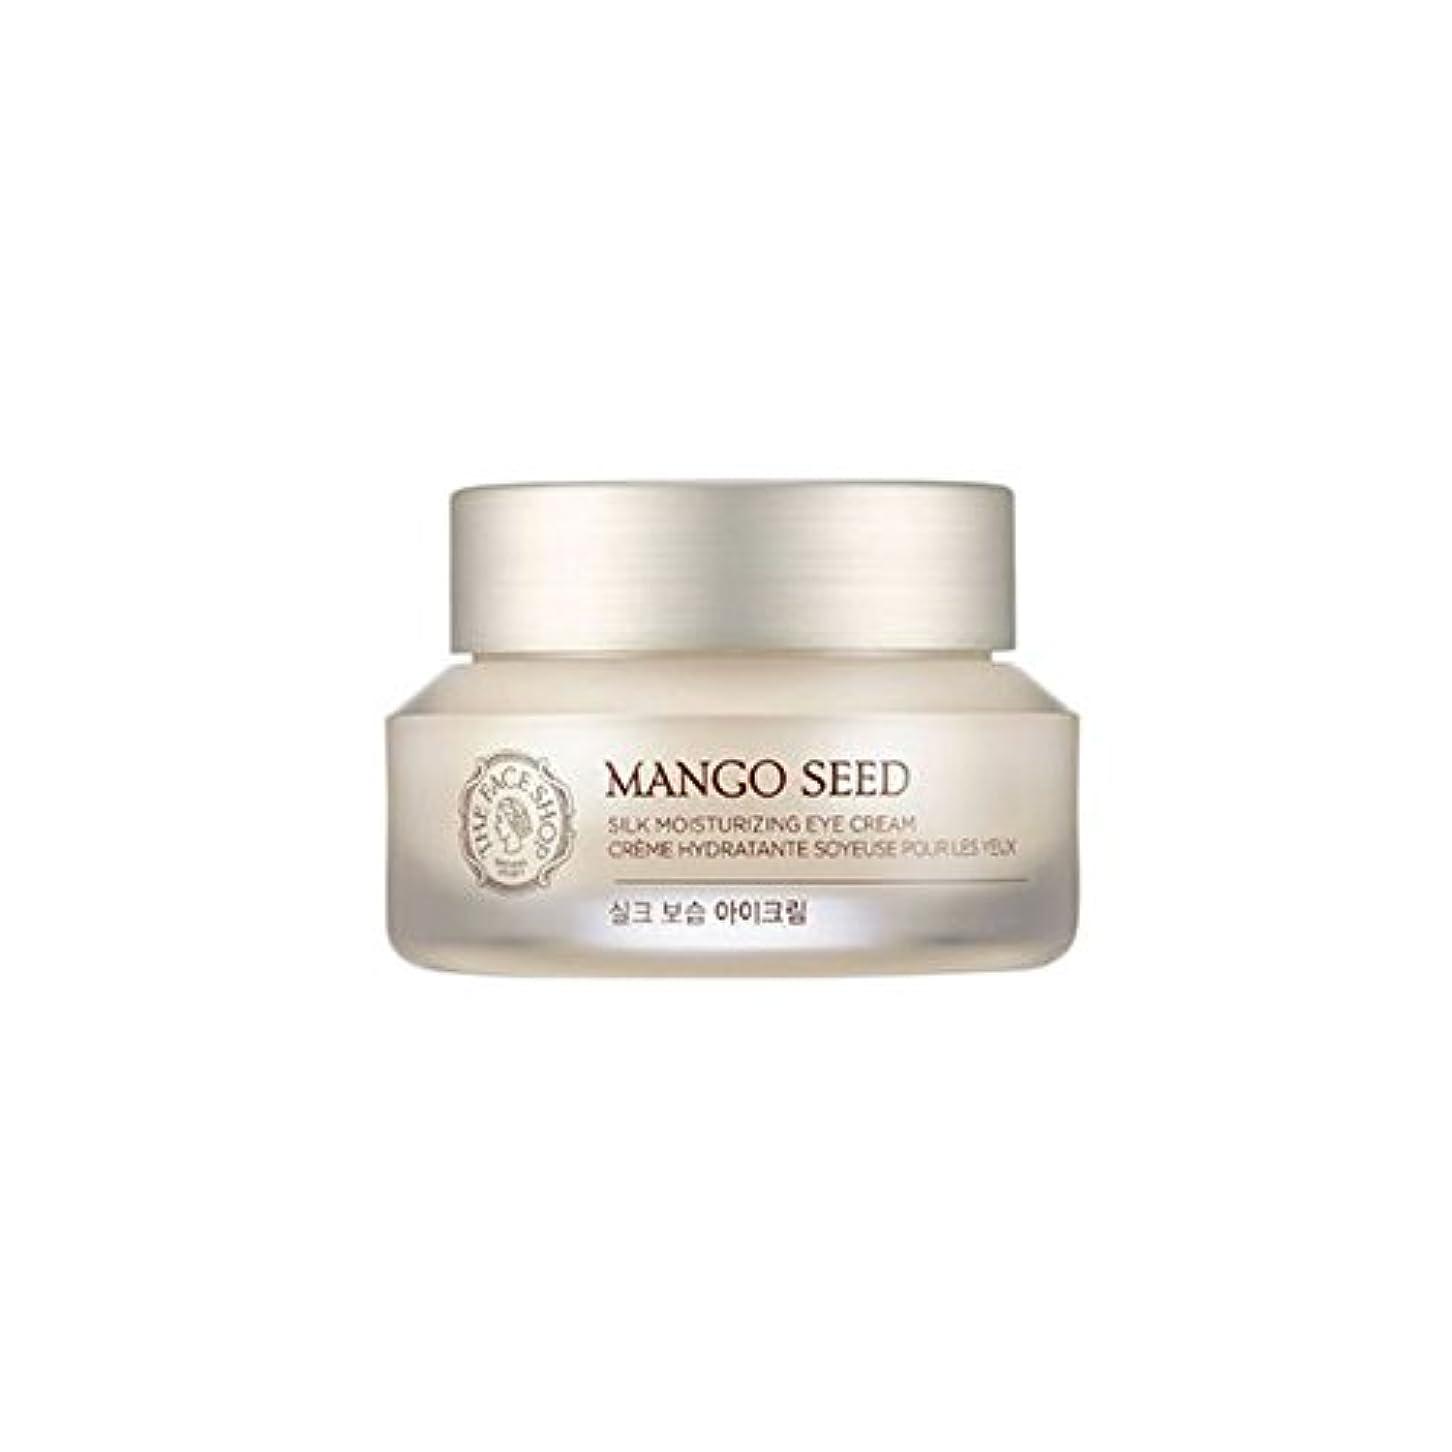 円形の通常楽しませる[ザフェイスショップ] THE FACE SHOP マンゴシードシルク保湿アイクリーム (30ml) The Face Shop Mango Seed Silk Moisturizing Eye Cream(30ml)...